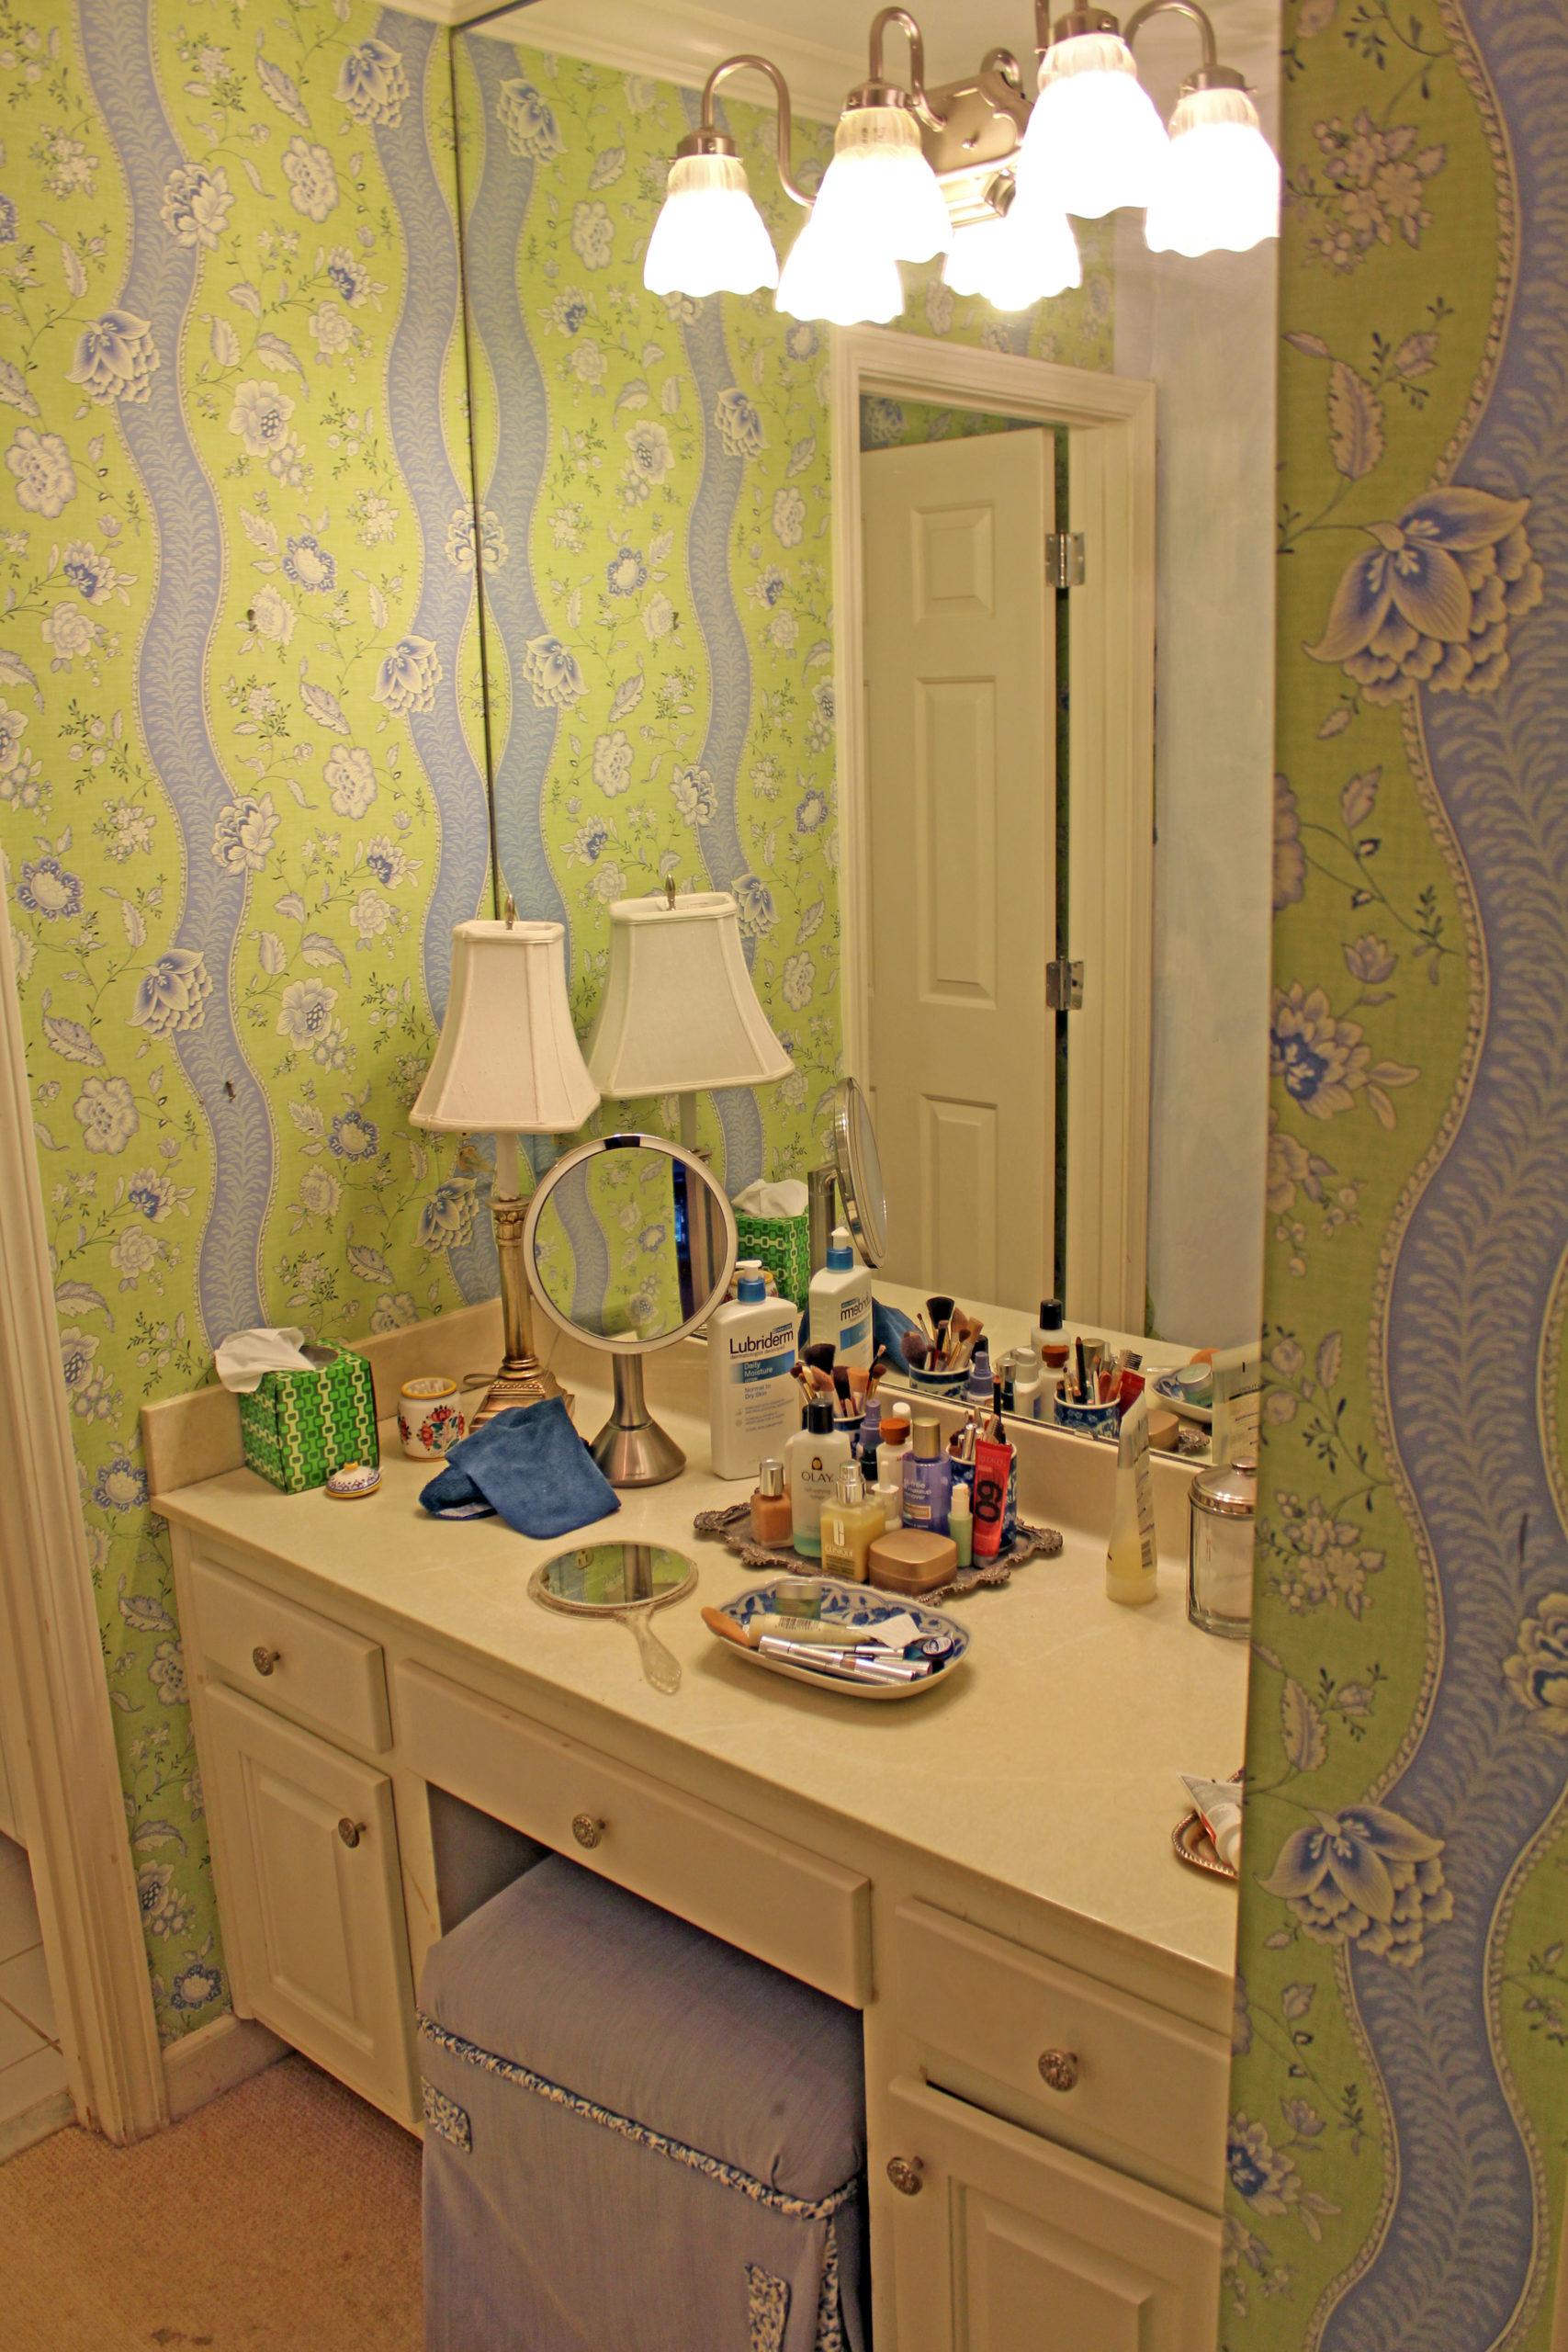 bathroom-remodeling-work-TAG-Builders-212-MG-Remodel-ba-4-scaled